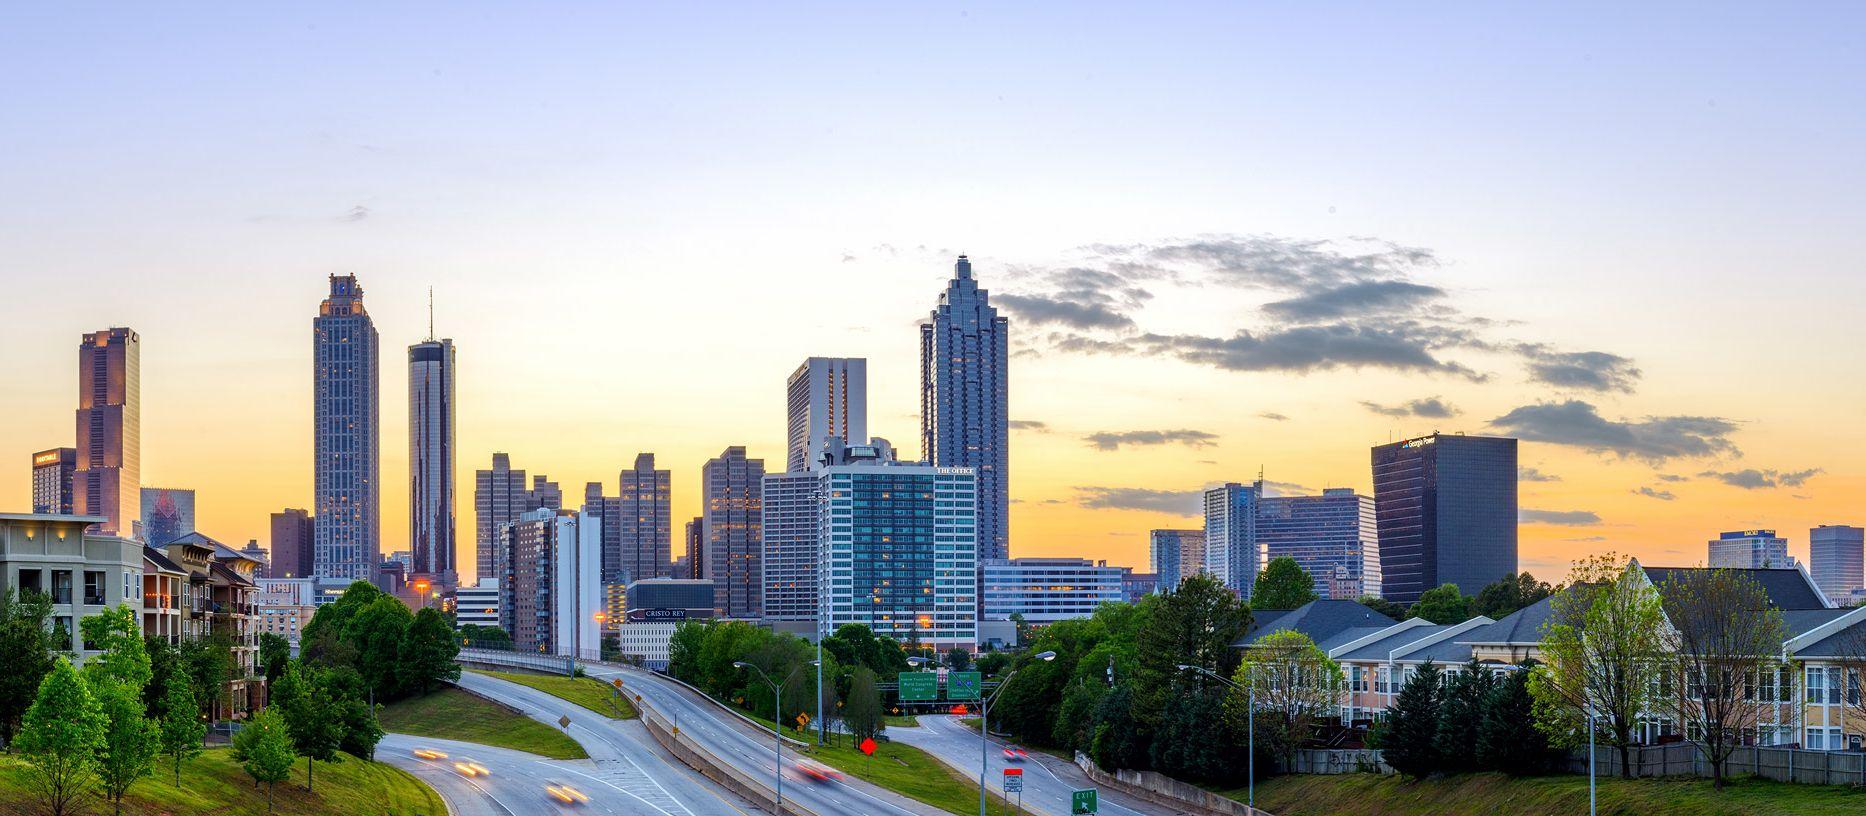 Die Skyline von Atlanta bei Sonnenuntergang